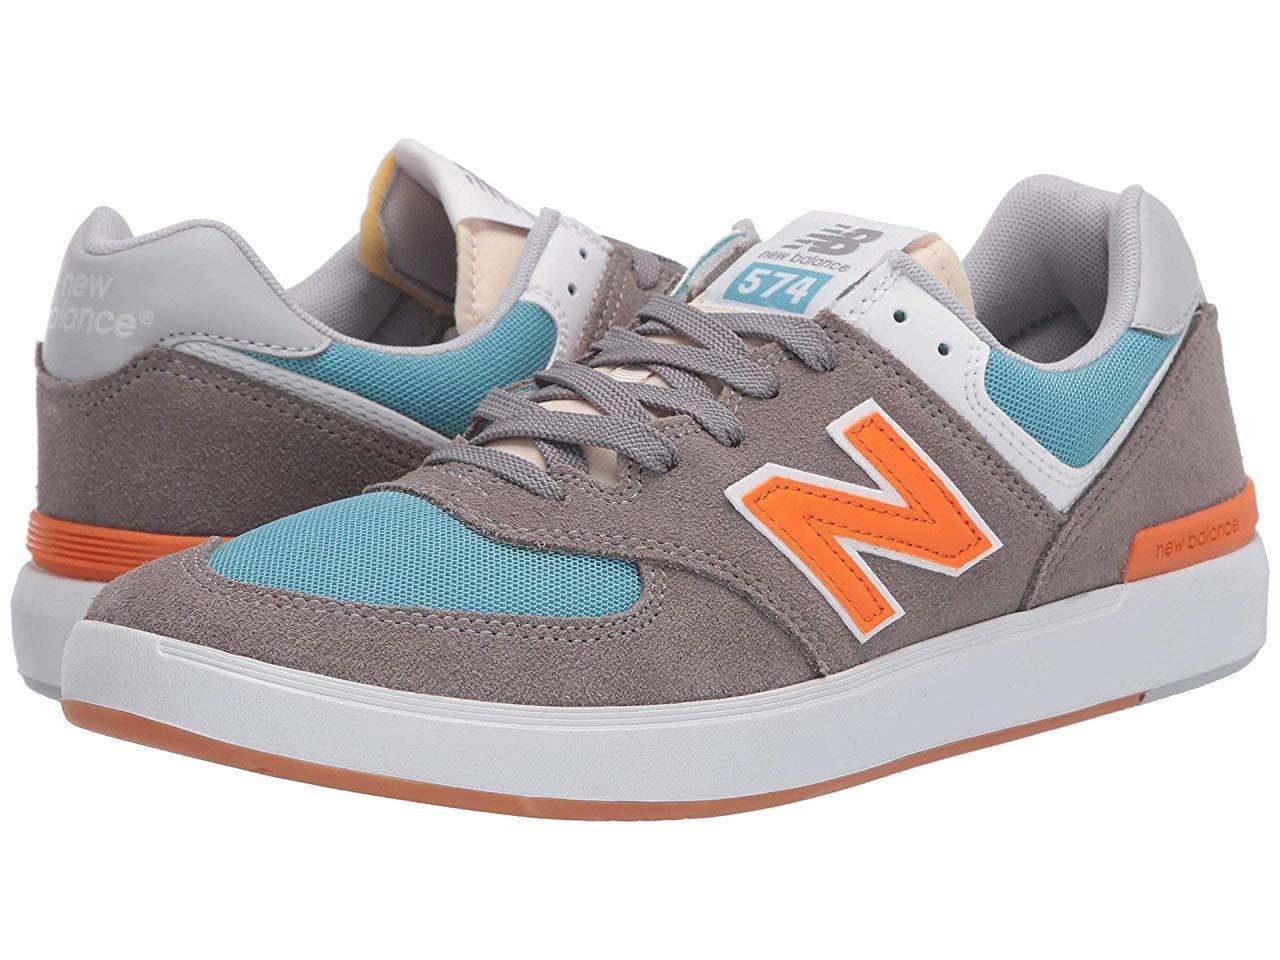 Кроссовки/Кеды New Balance Numeric AM574 Grey/Orange